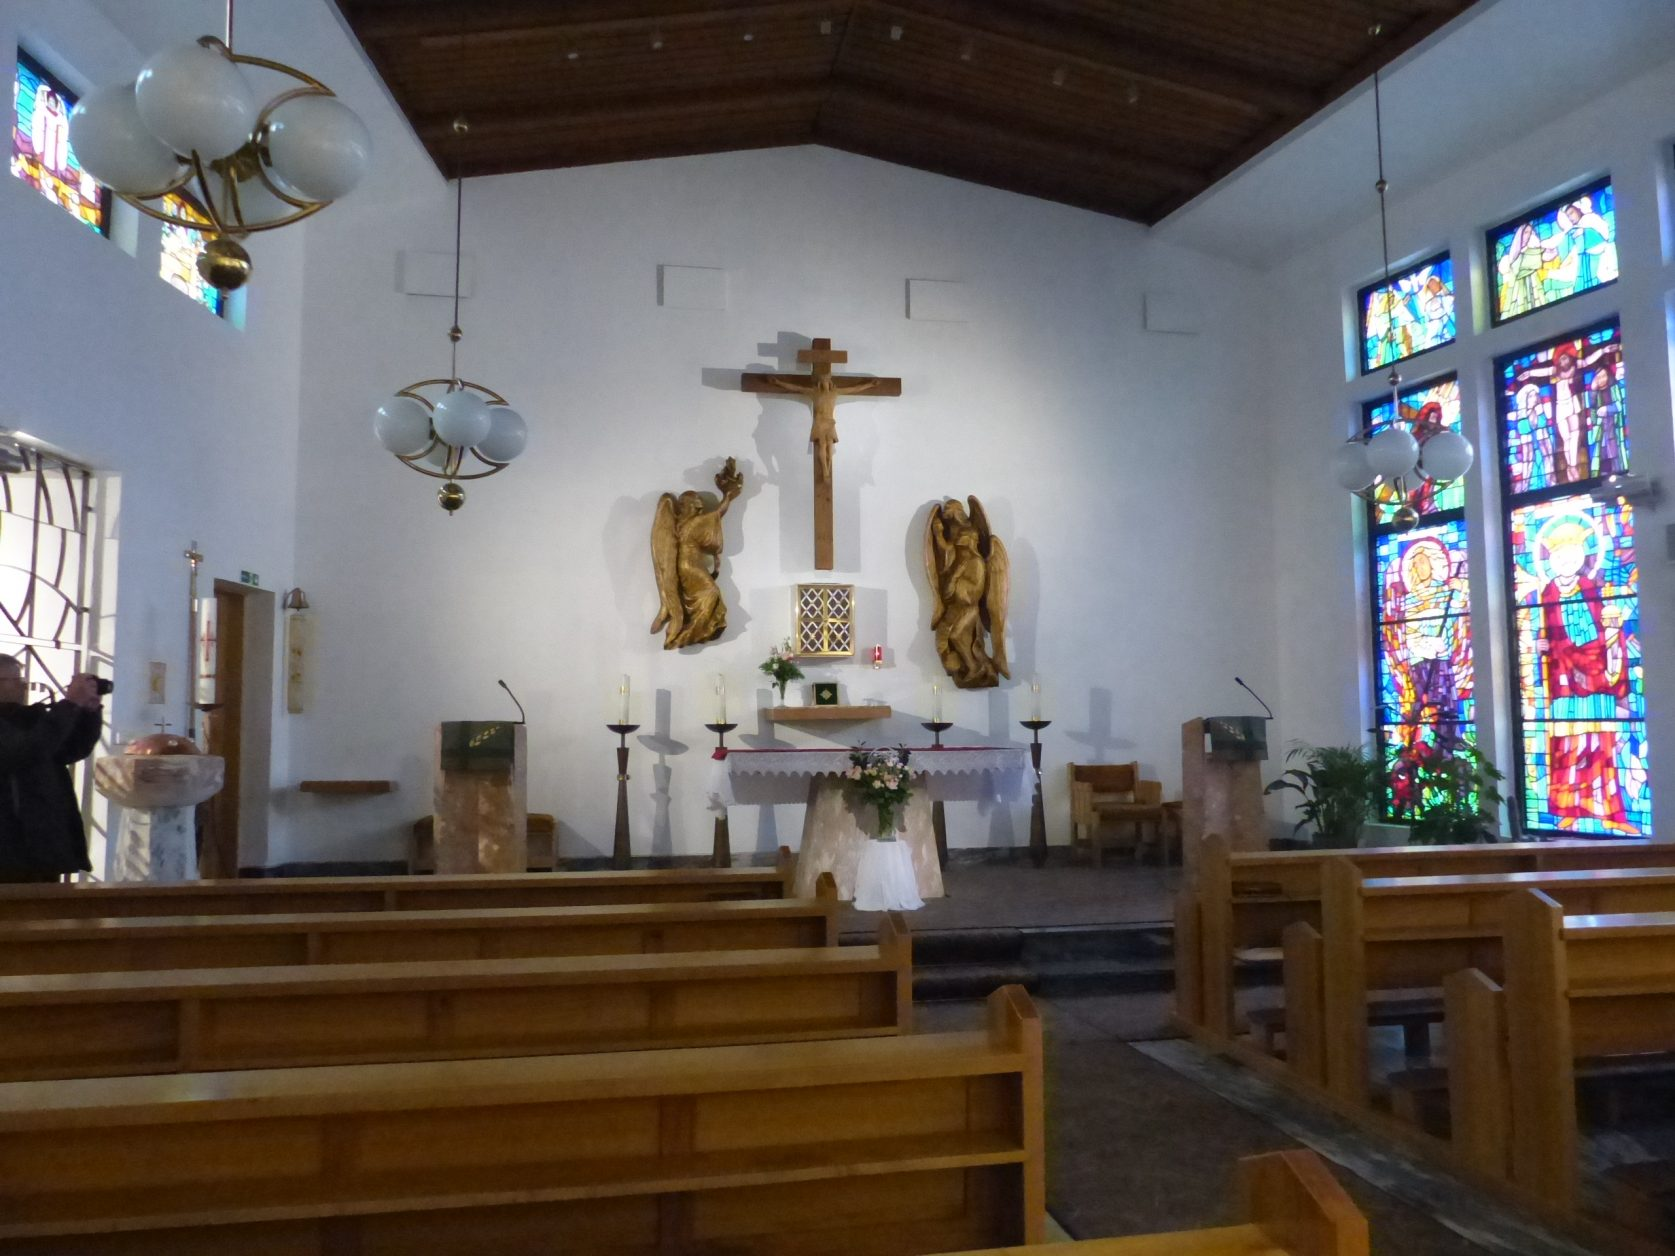 Blikc in die katholische Kapelle von Hammerfest Foto: Weirauch